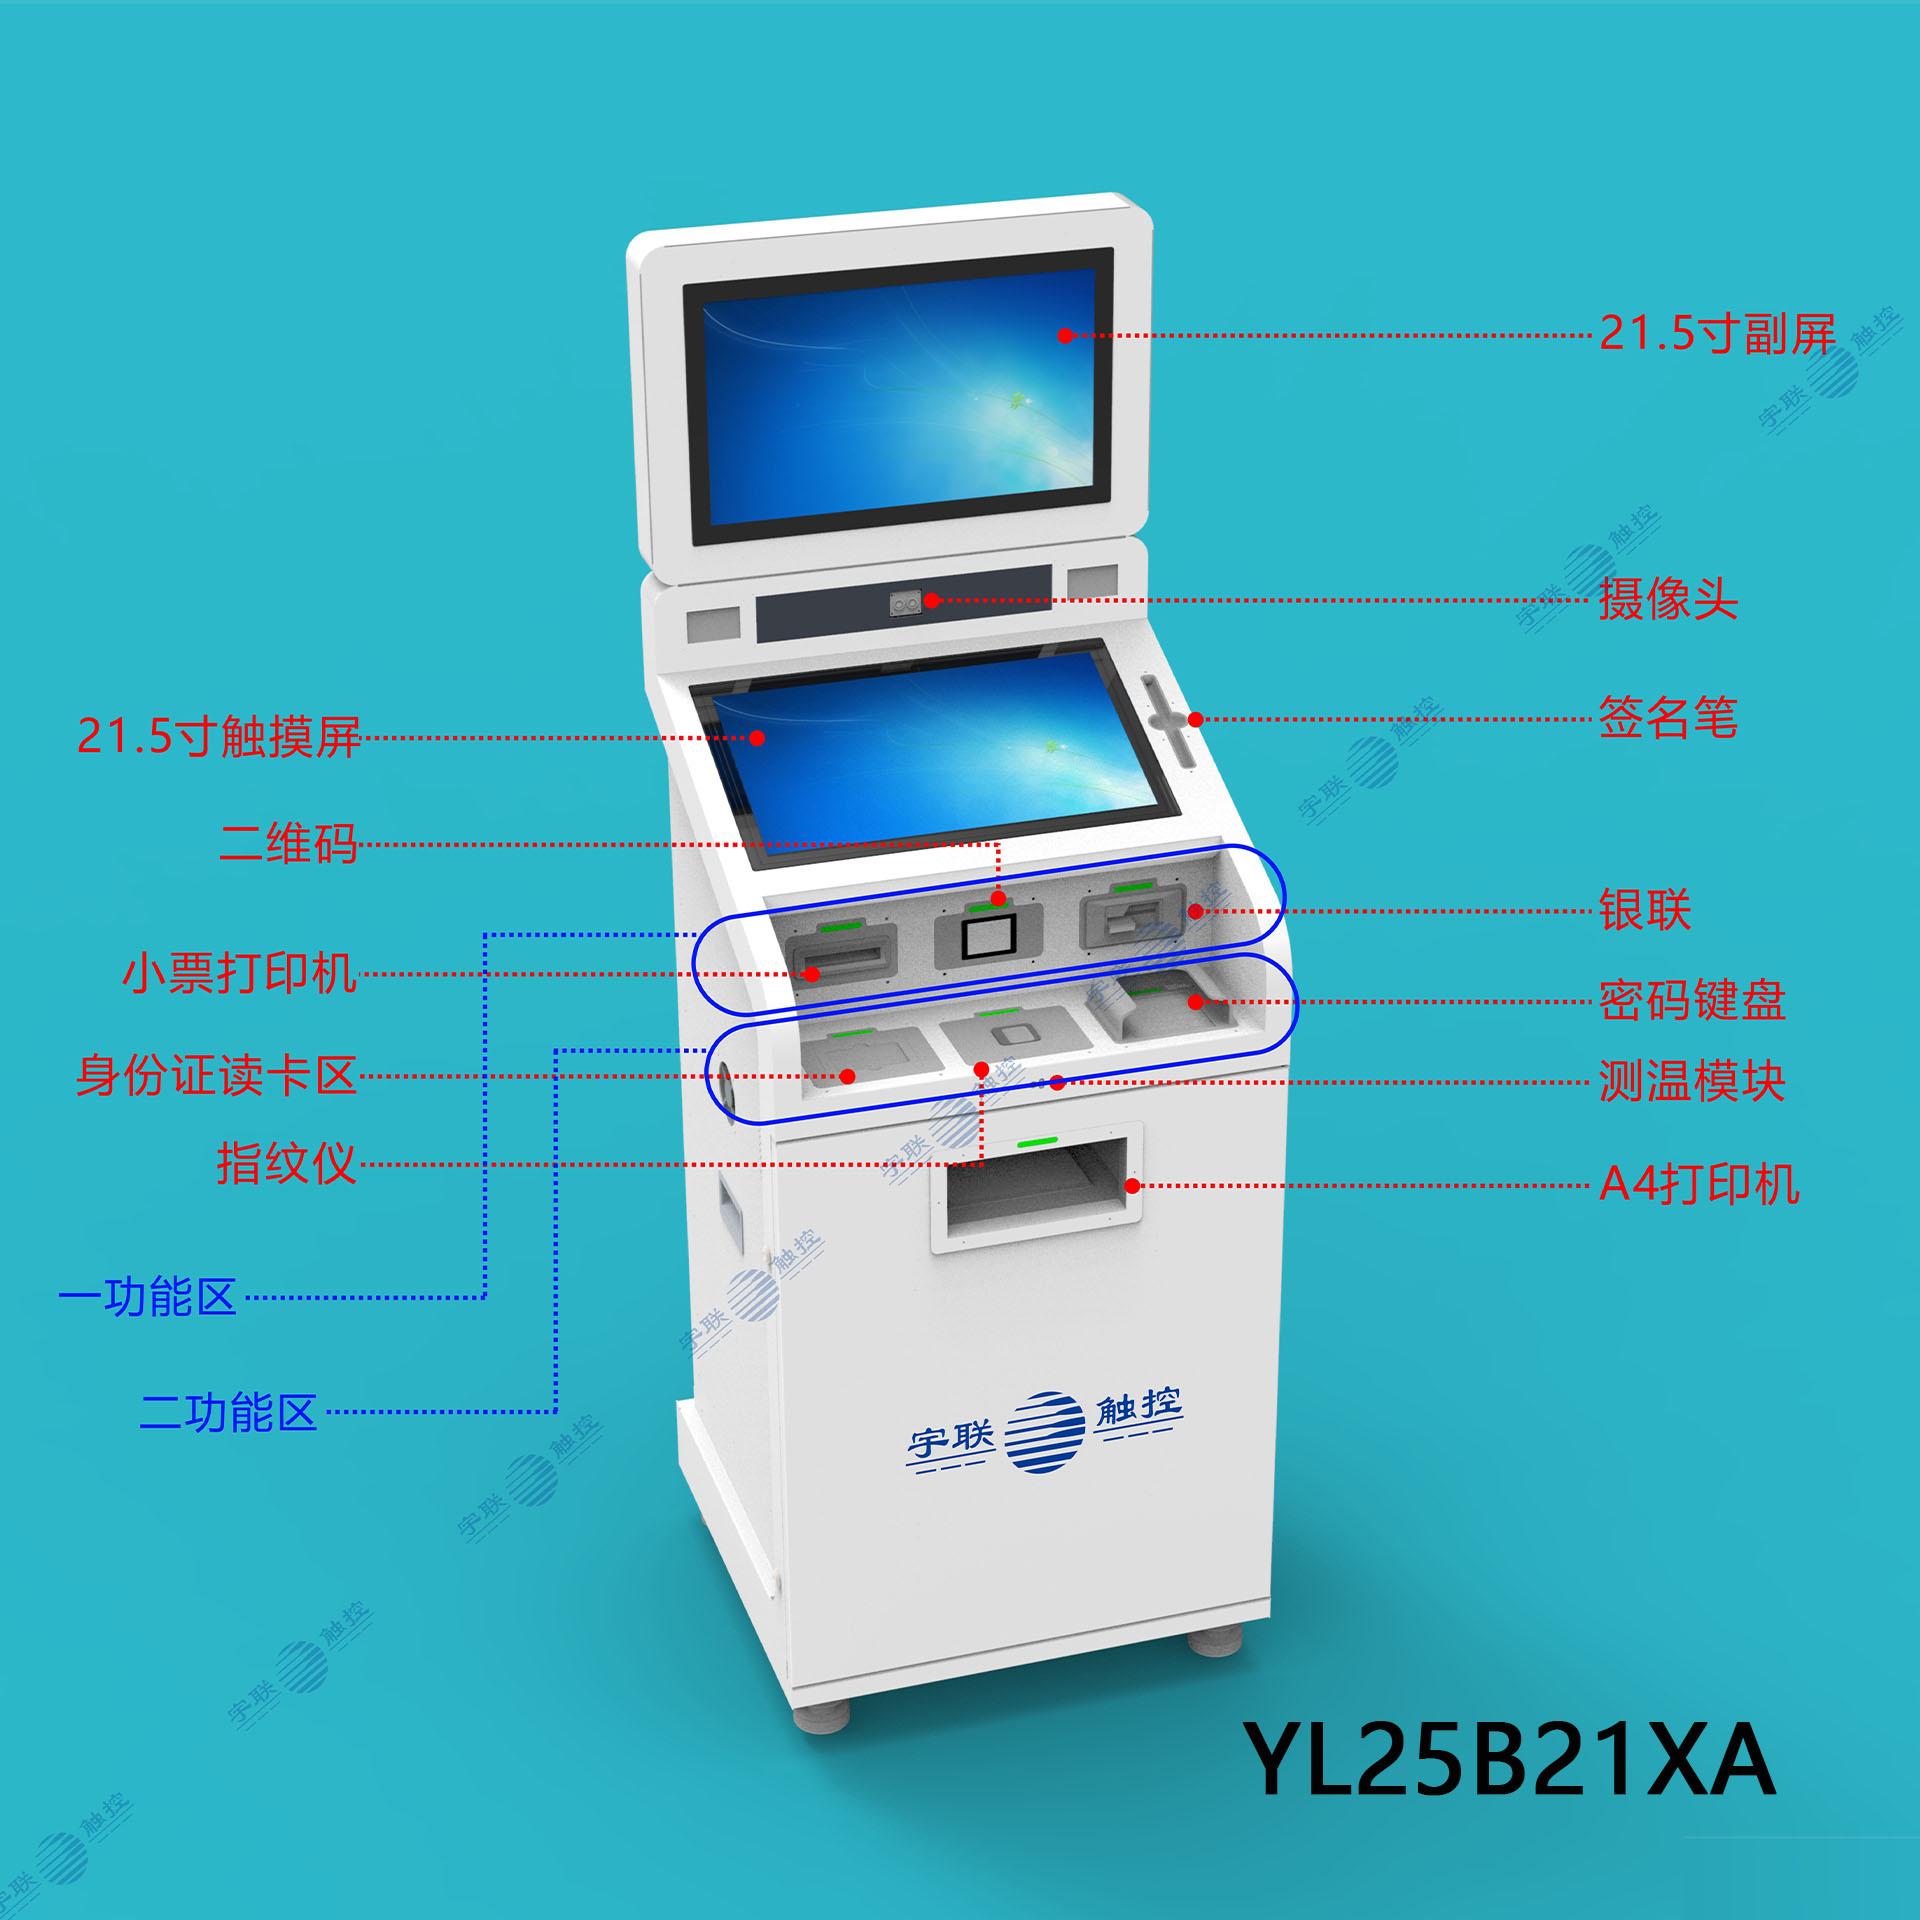 YL25B21XA